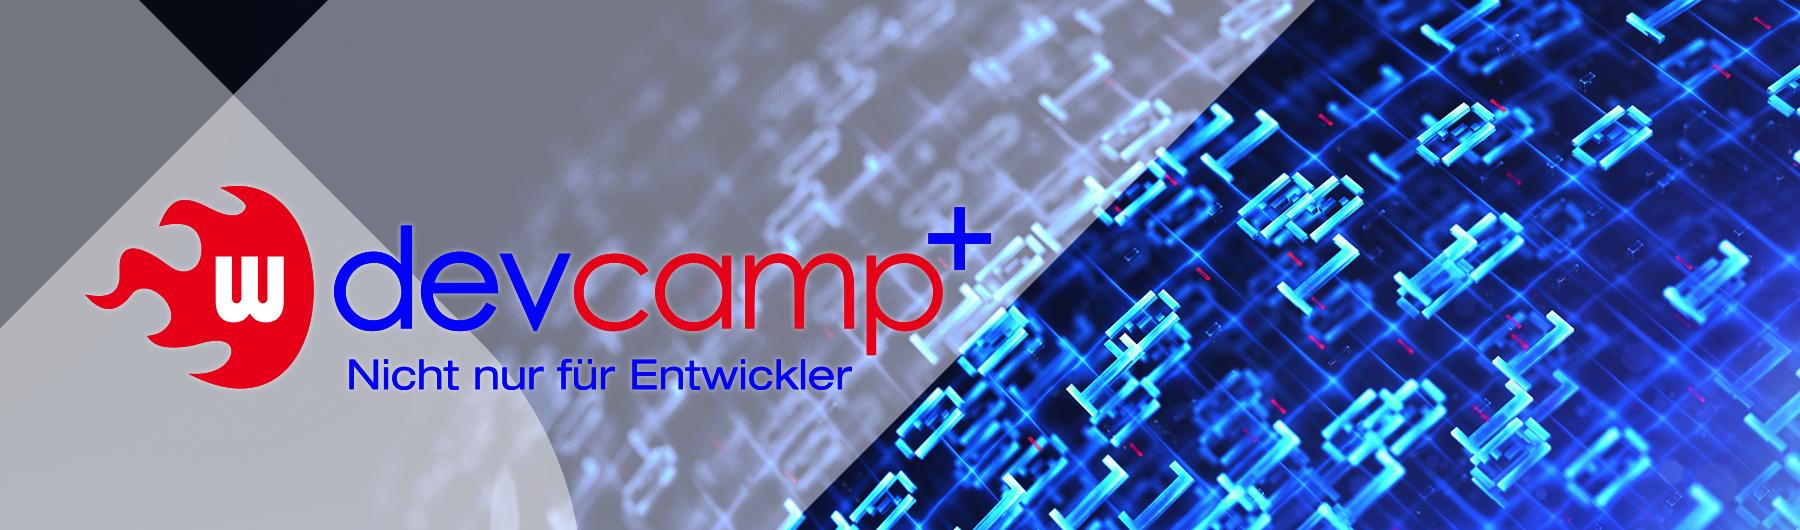 DevCamp 2019 • Das Networking-Event für IT-Experten